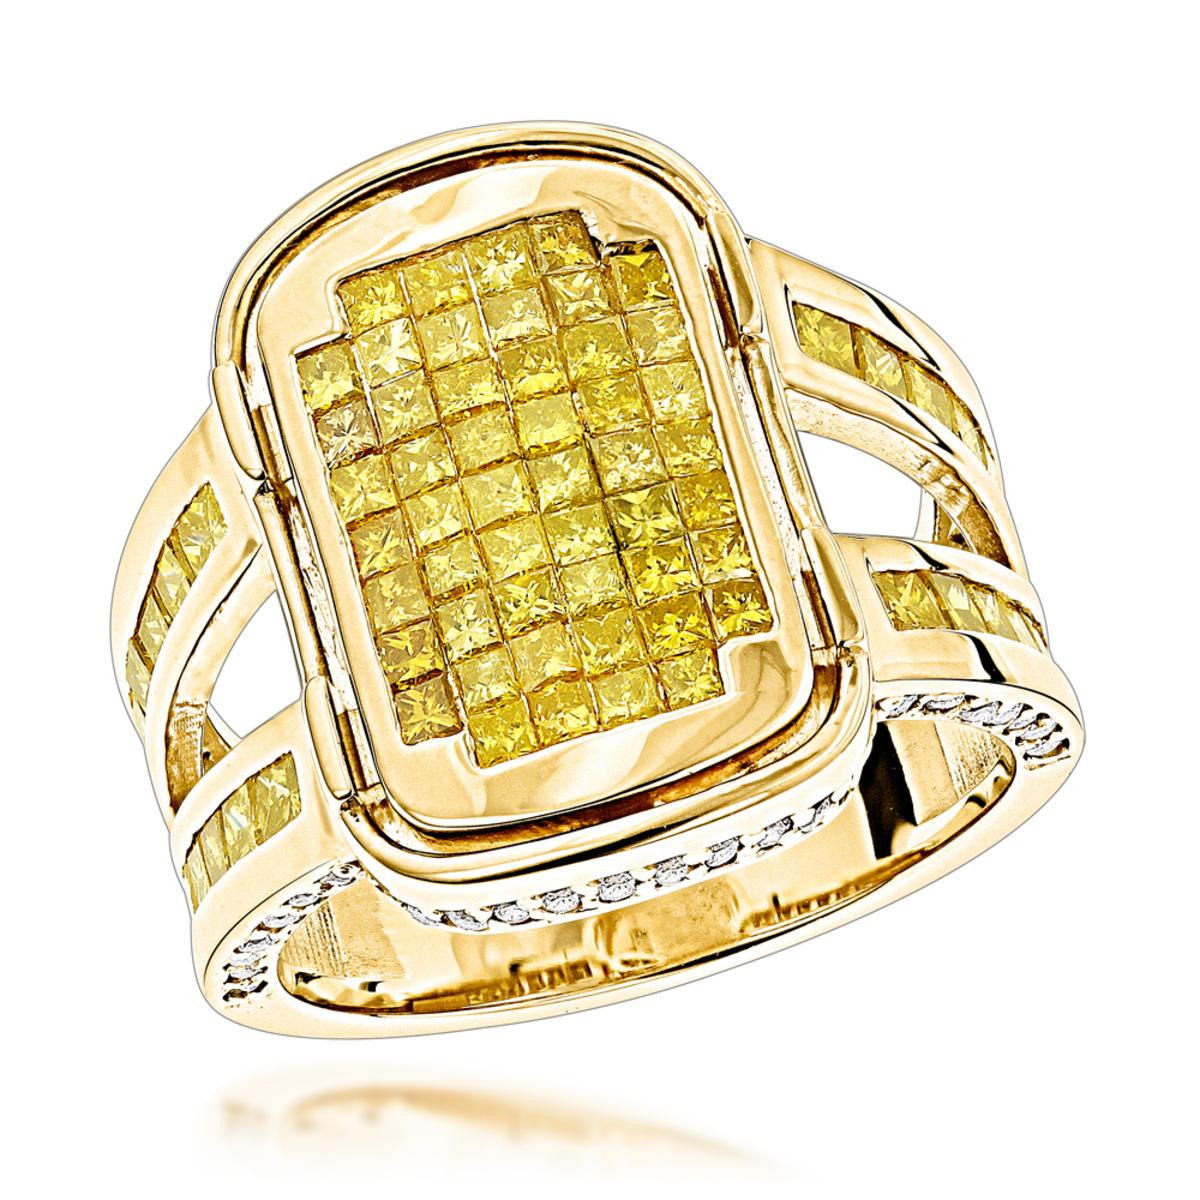 Rose Gold Yellow Diamond Ring 14K 2.58ct